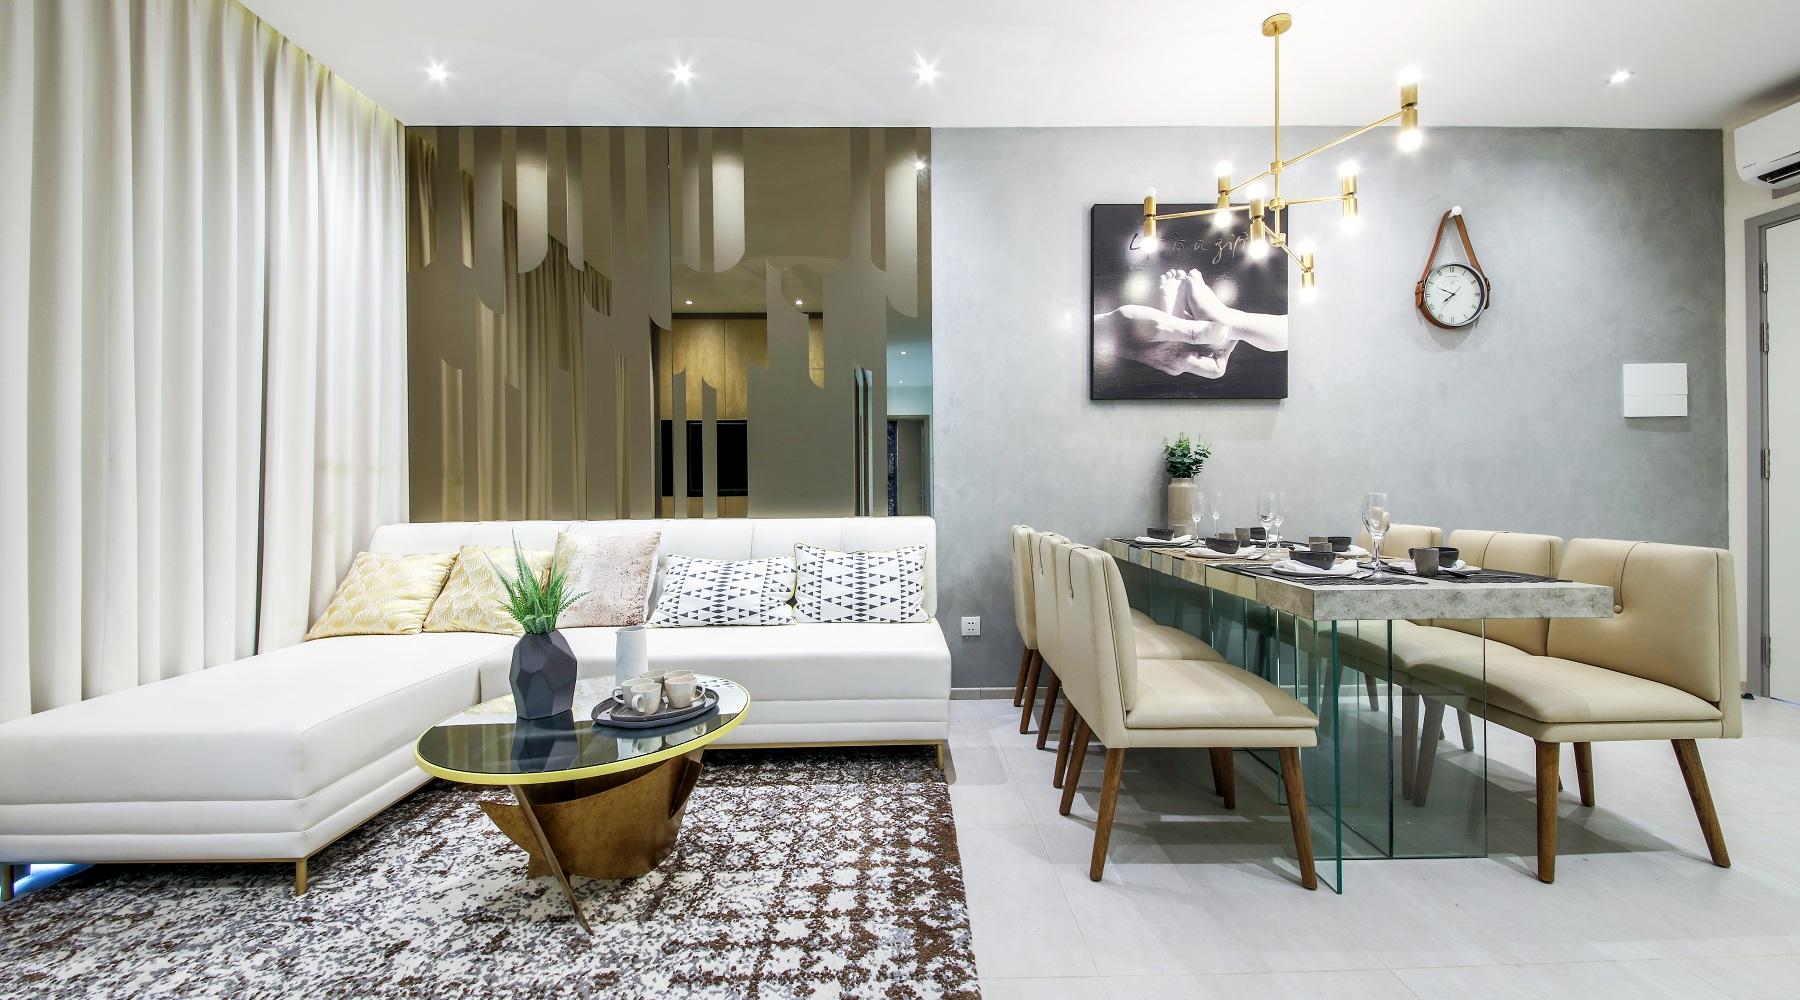 Bạn biết gì về hệ thống Smart Home tại Charmington iris?